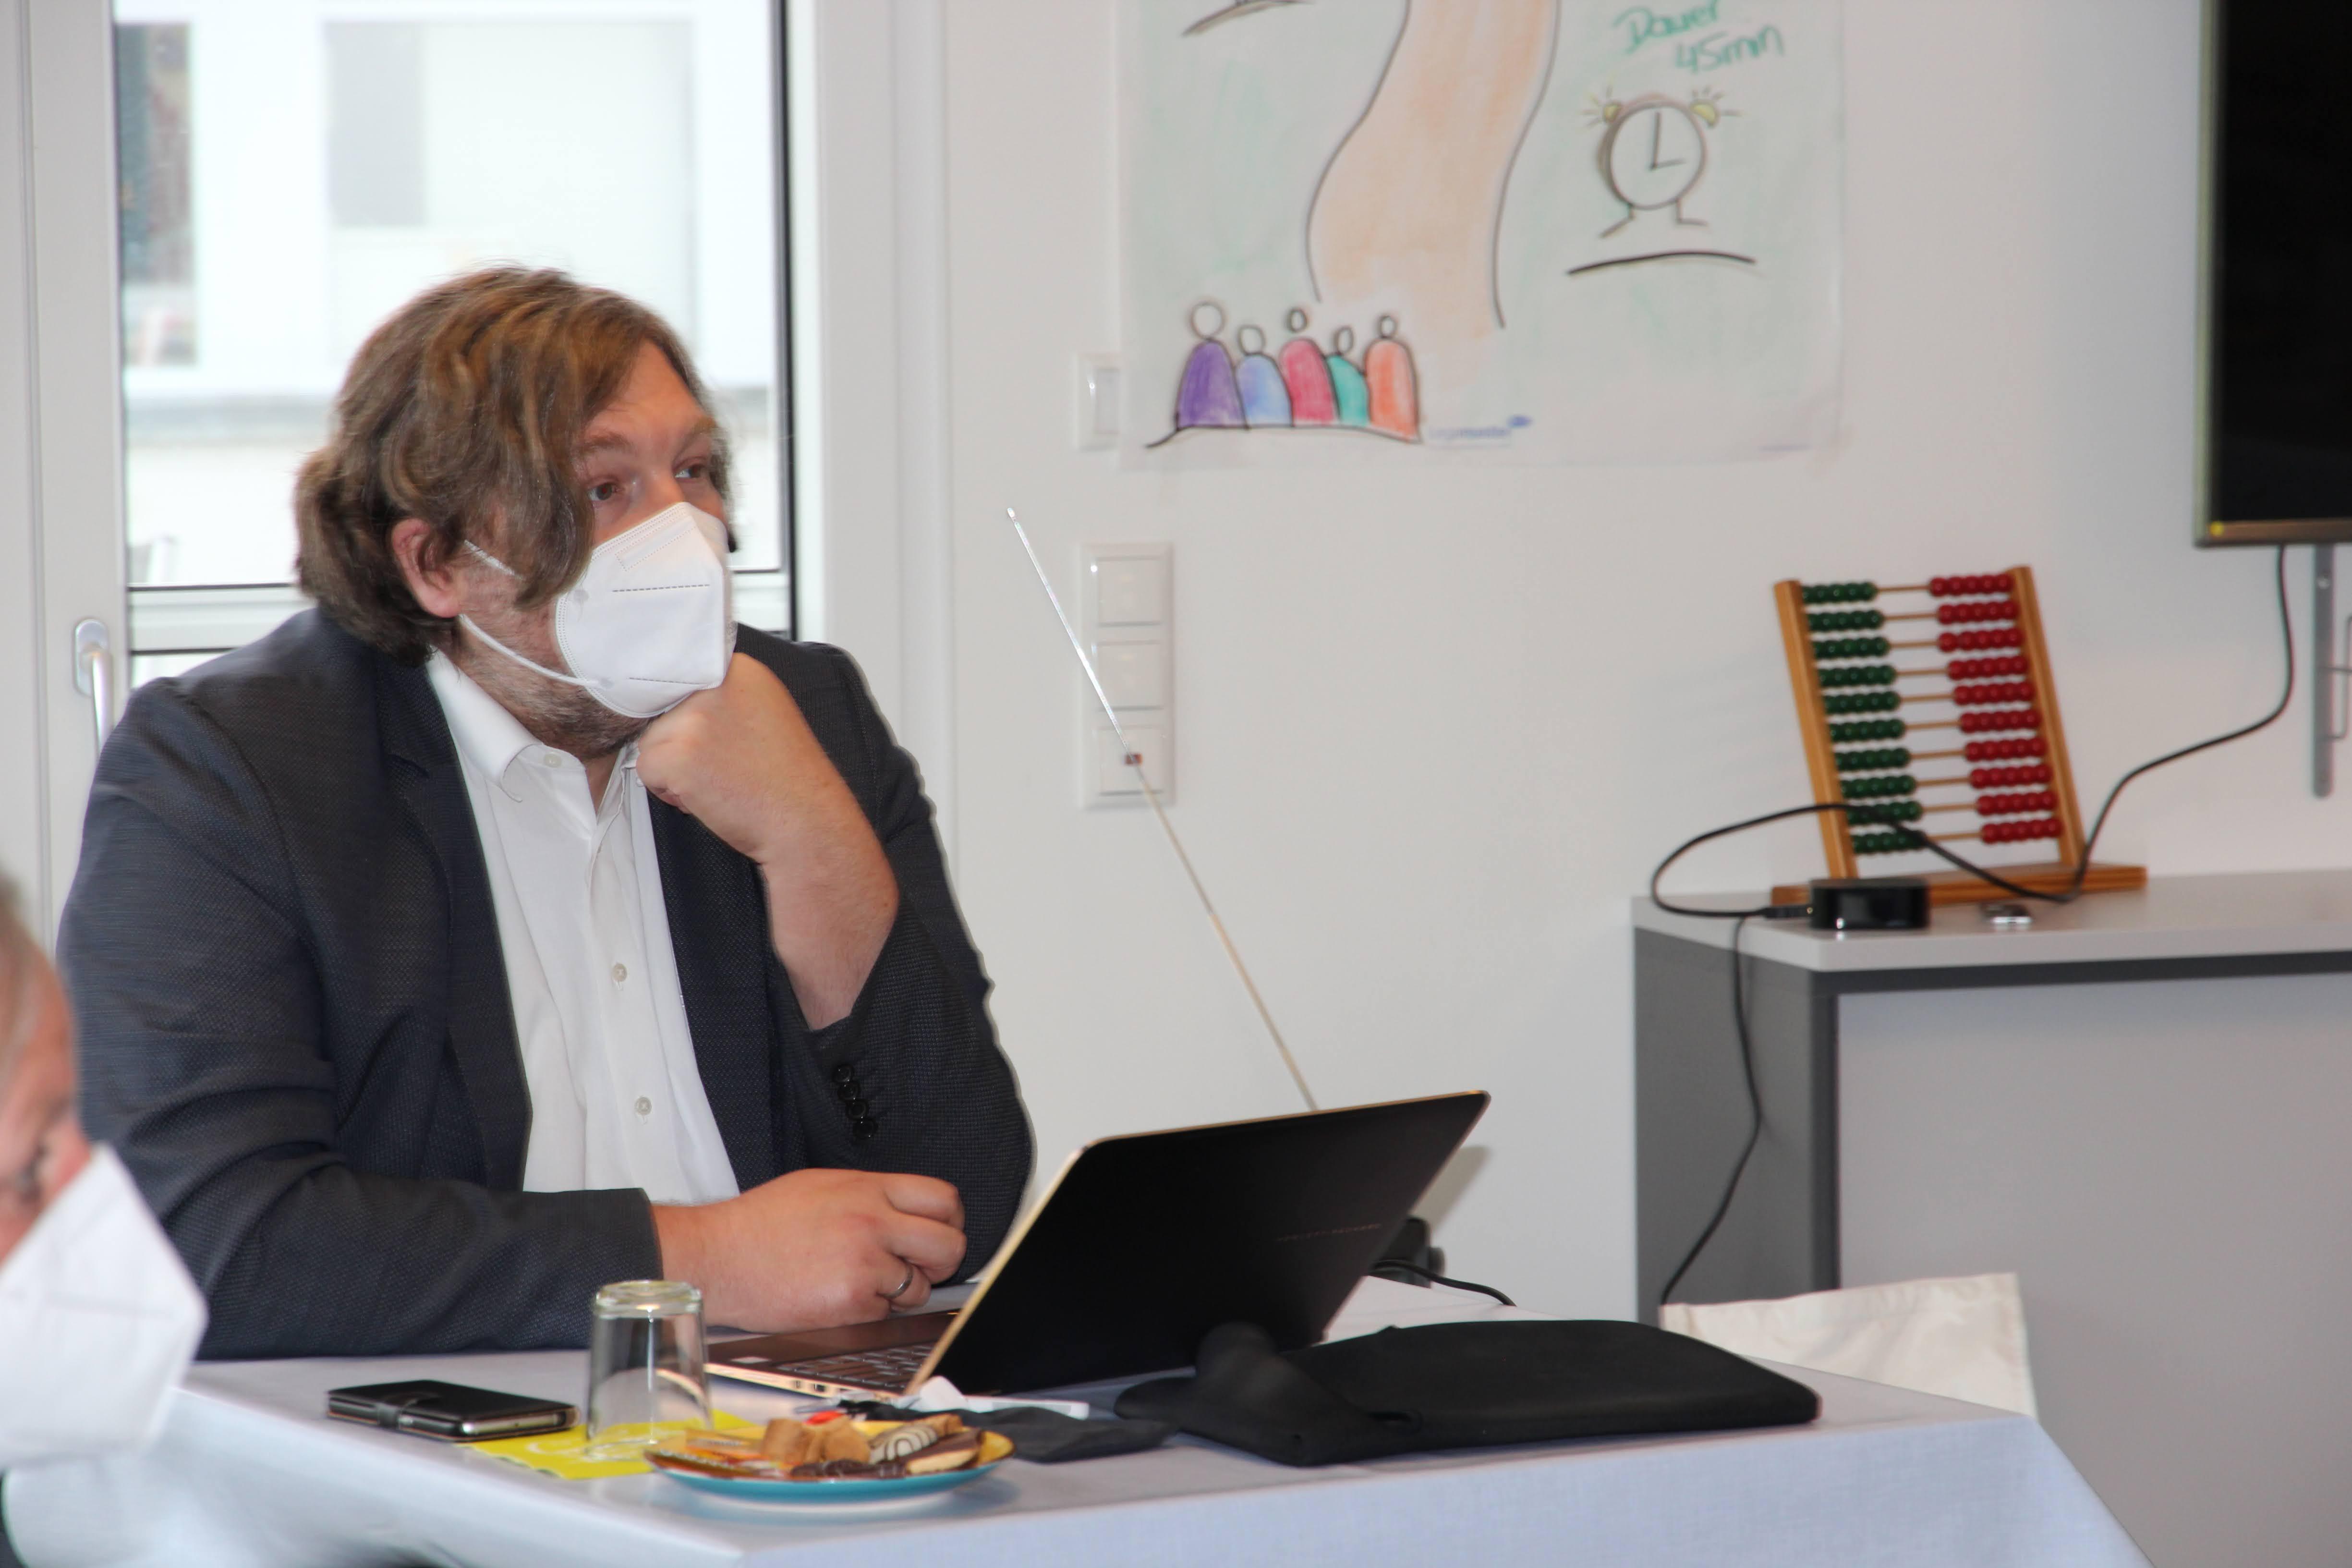 Lob für Krisenmanagement von den Auditoren Dr. Markus Reimer (Foto) und Gerhard Weidemann. Dank des Hygienekonzepts war eine Systembegutachtung auch 2021 in Präsenz möglich.